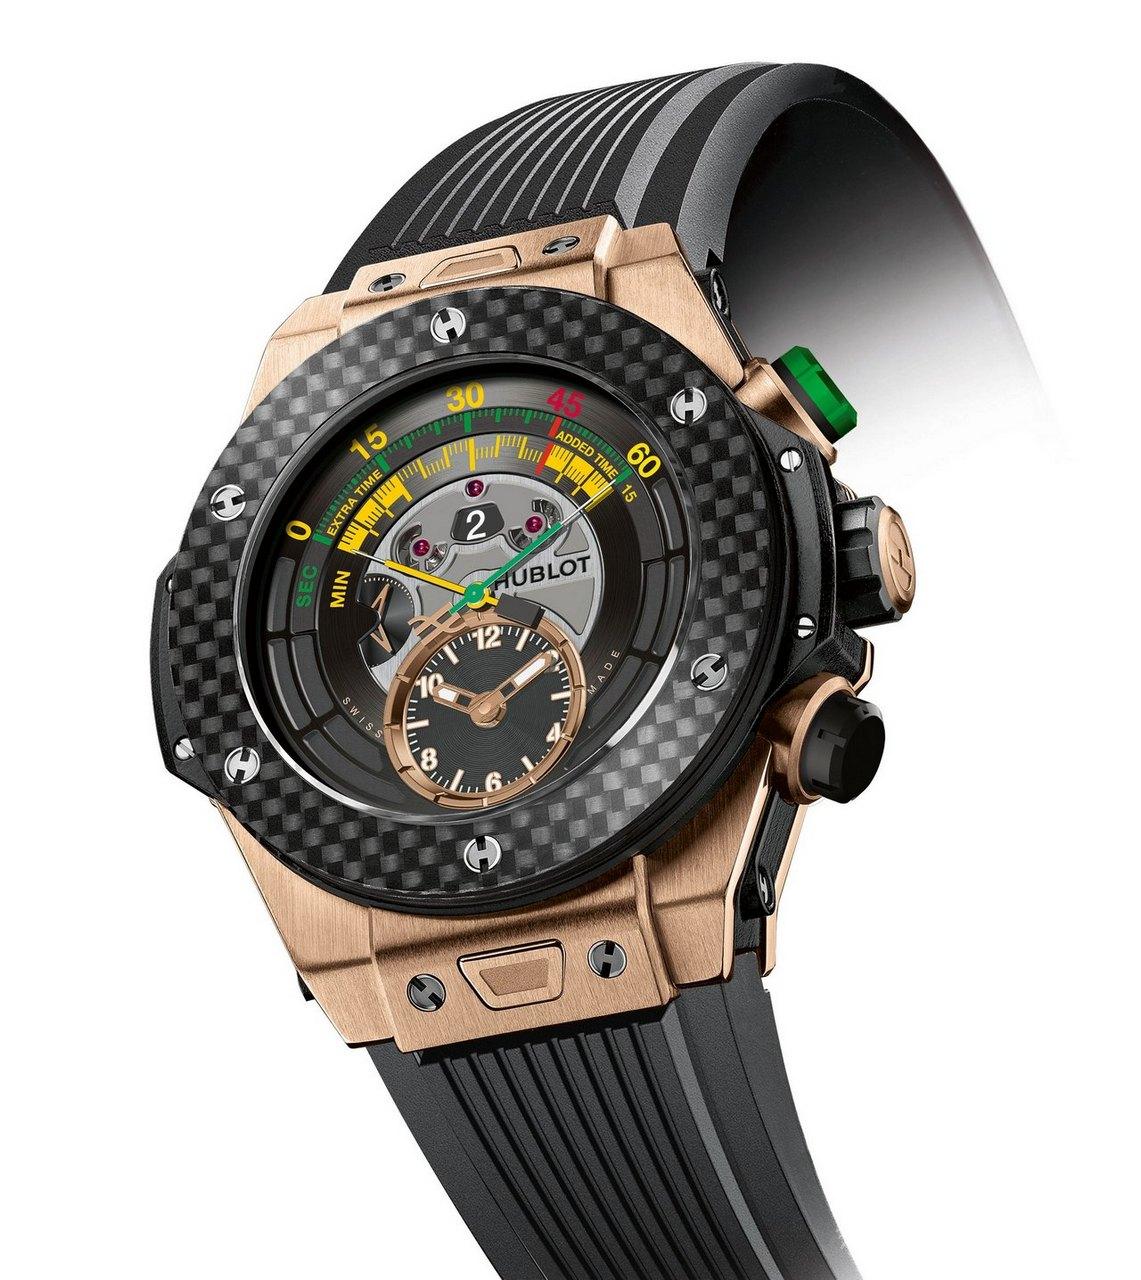 hublot-big-bang-unico-chrono-bi-retrograde-orologio-ufficiale-della-fifa-world-cup-brazil-2014_0-1004